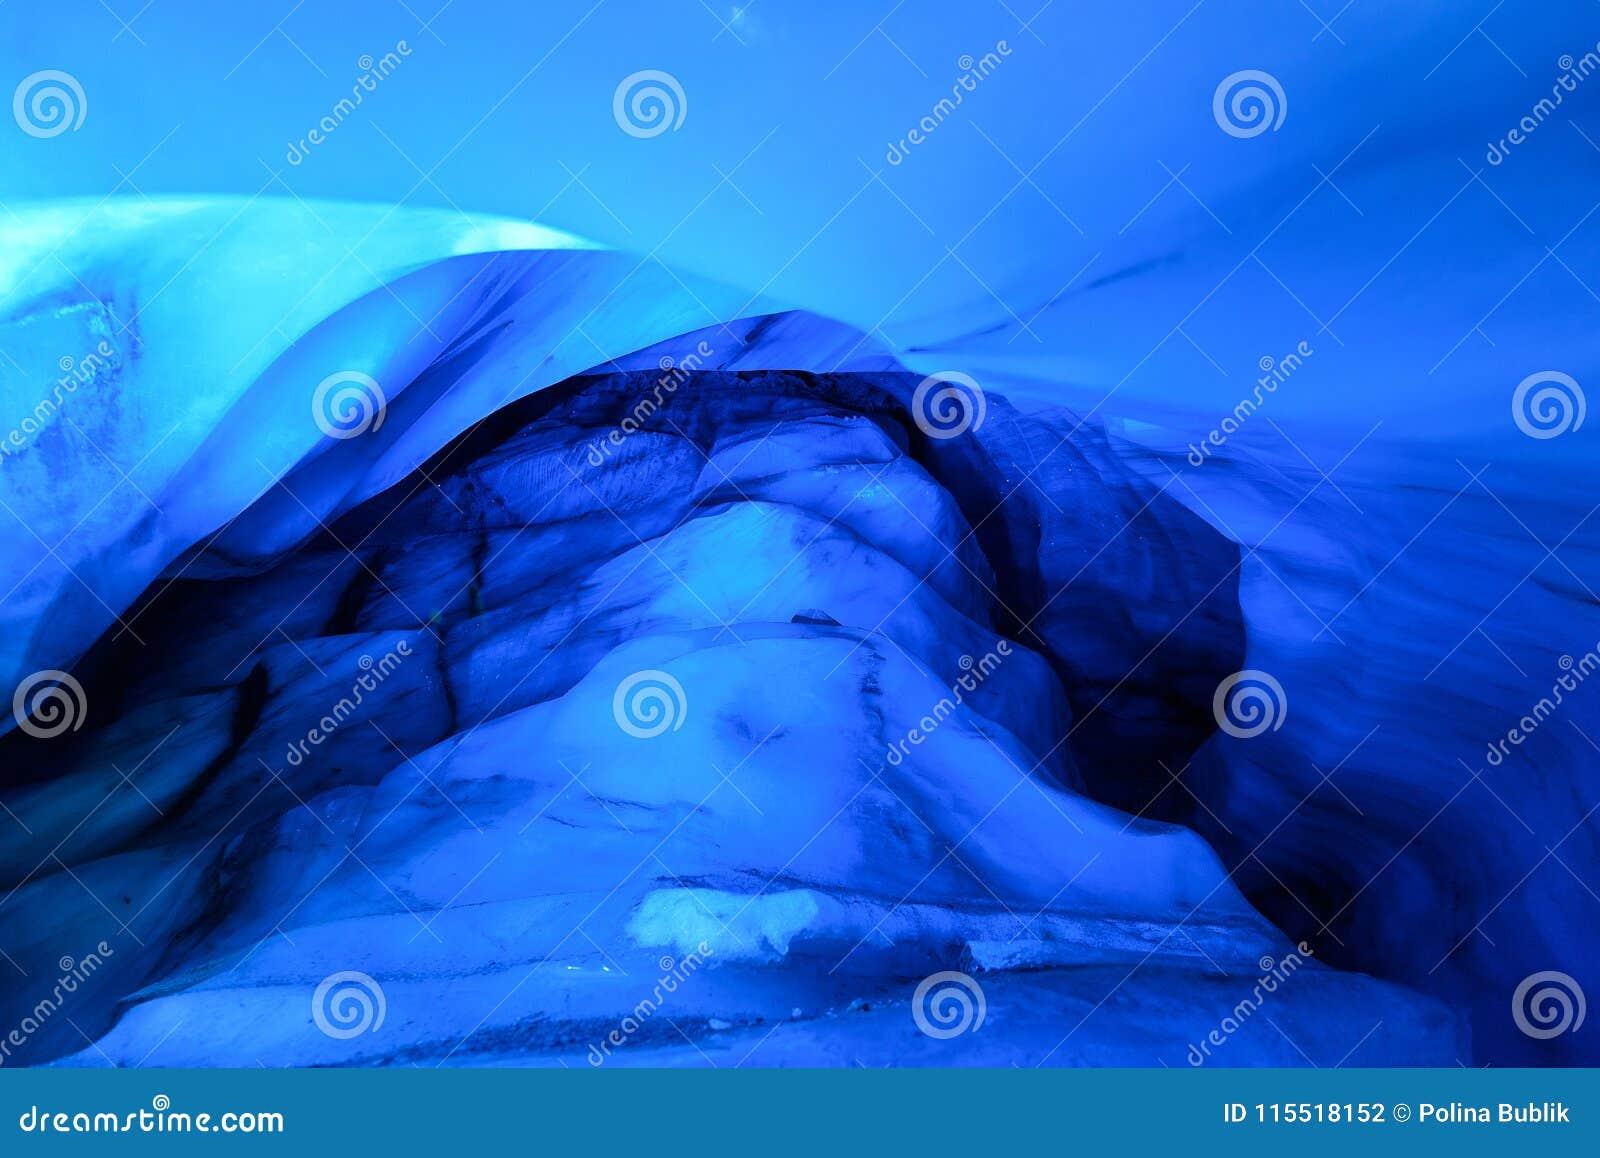 Cueva de hielo septentrional ártica en Noruega Svalbard en la ciudad de Longyearbyen